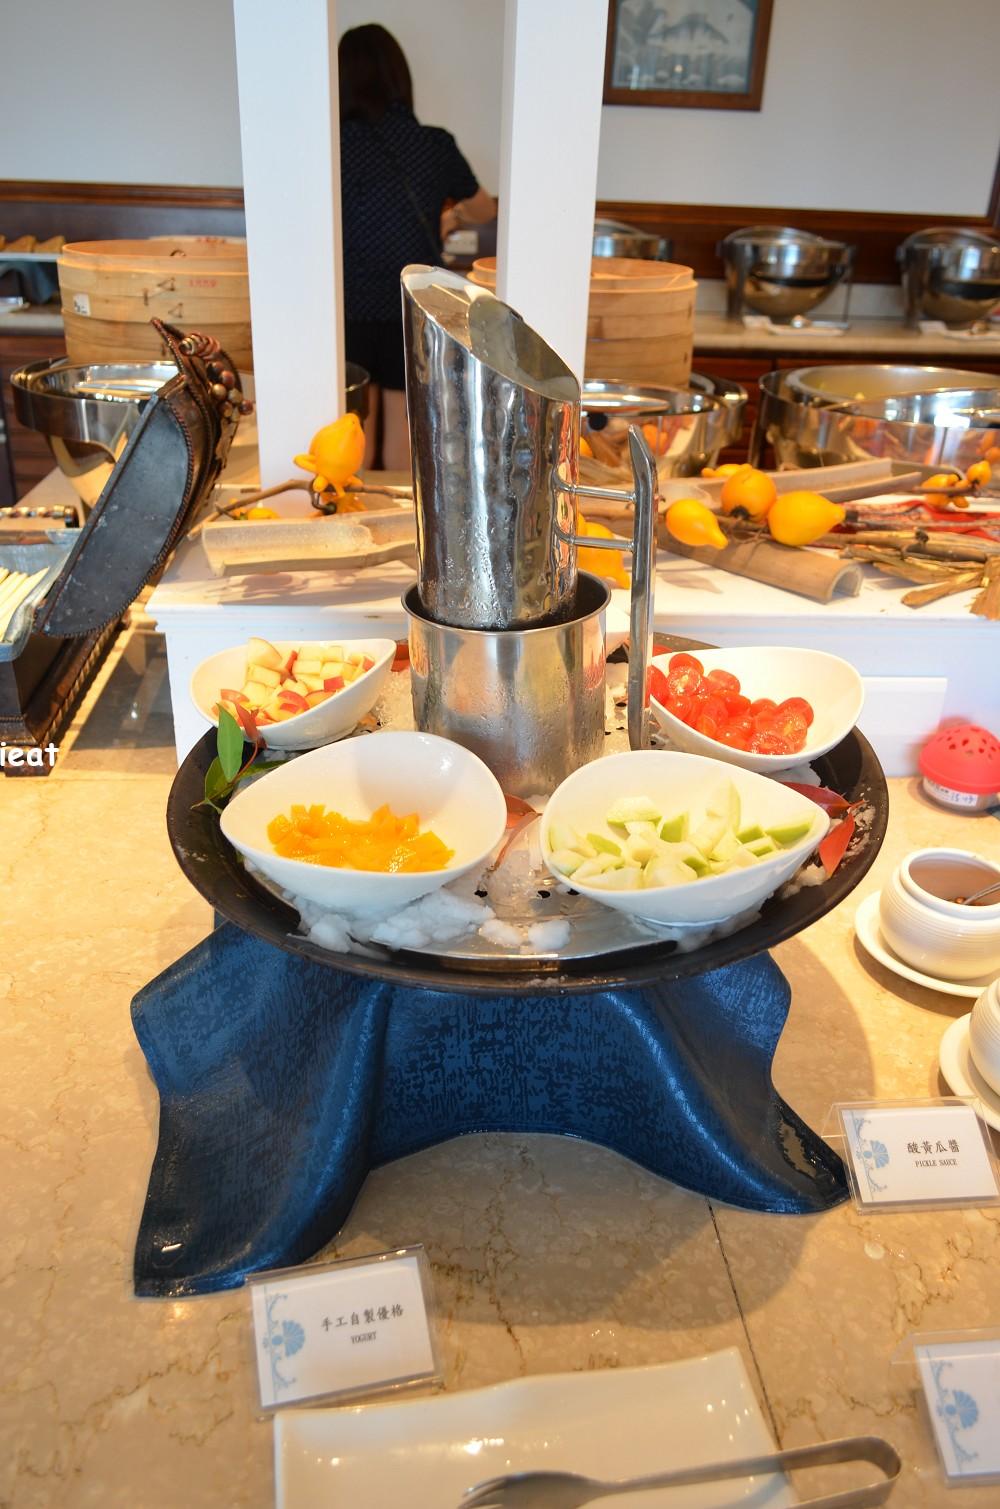 香格里拉早餐 香格里拉午餐 香格里拉 晚餐 宜蘭香格里拉 餐點